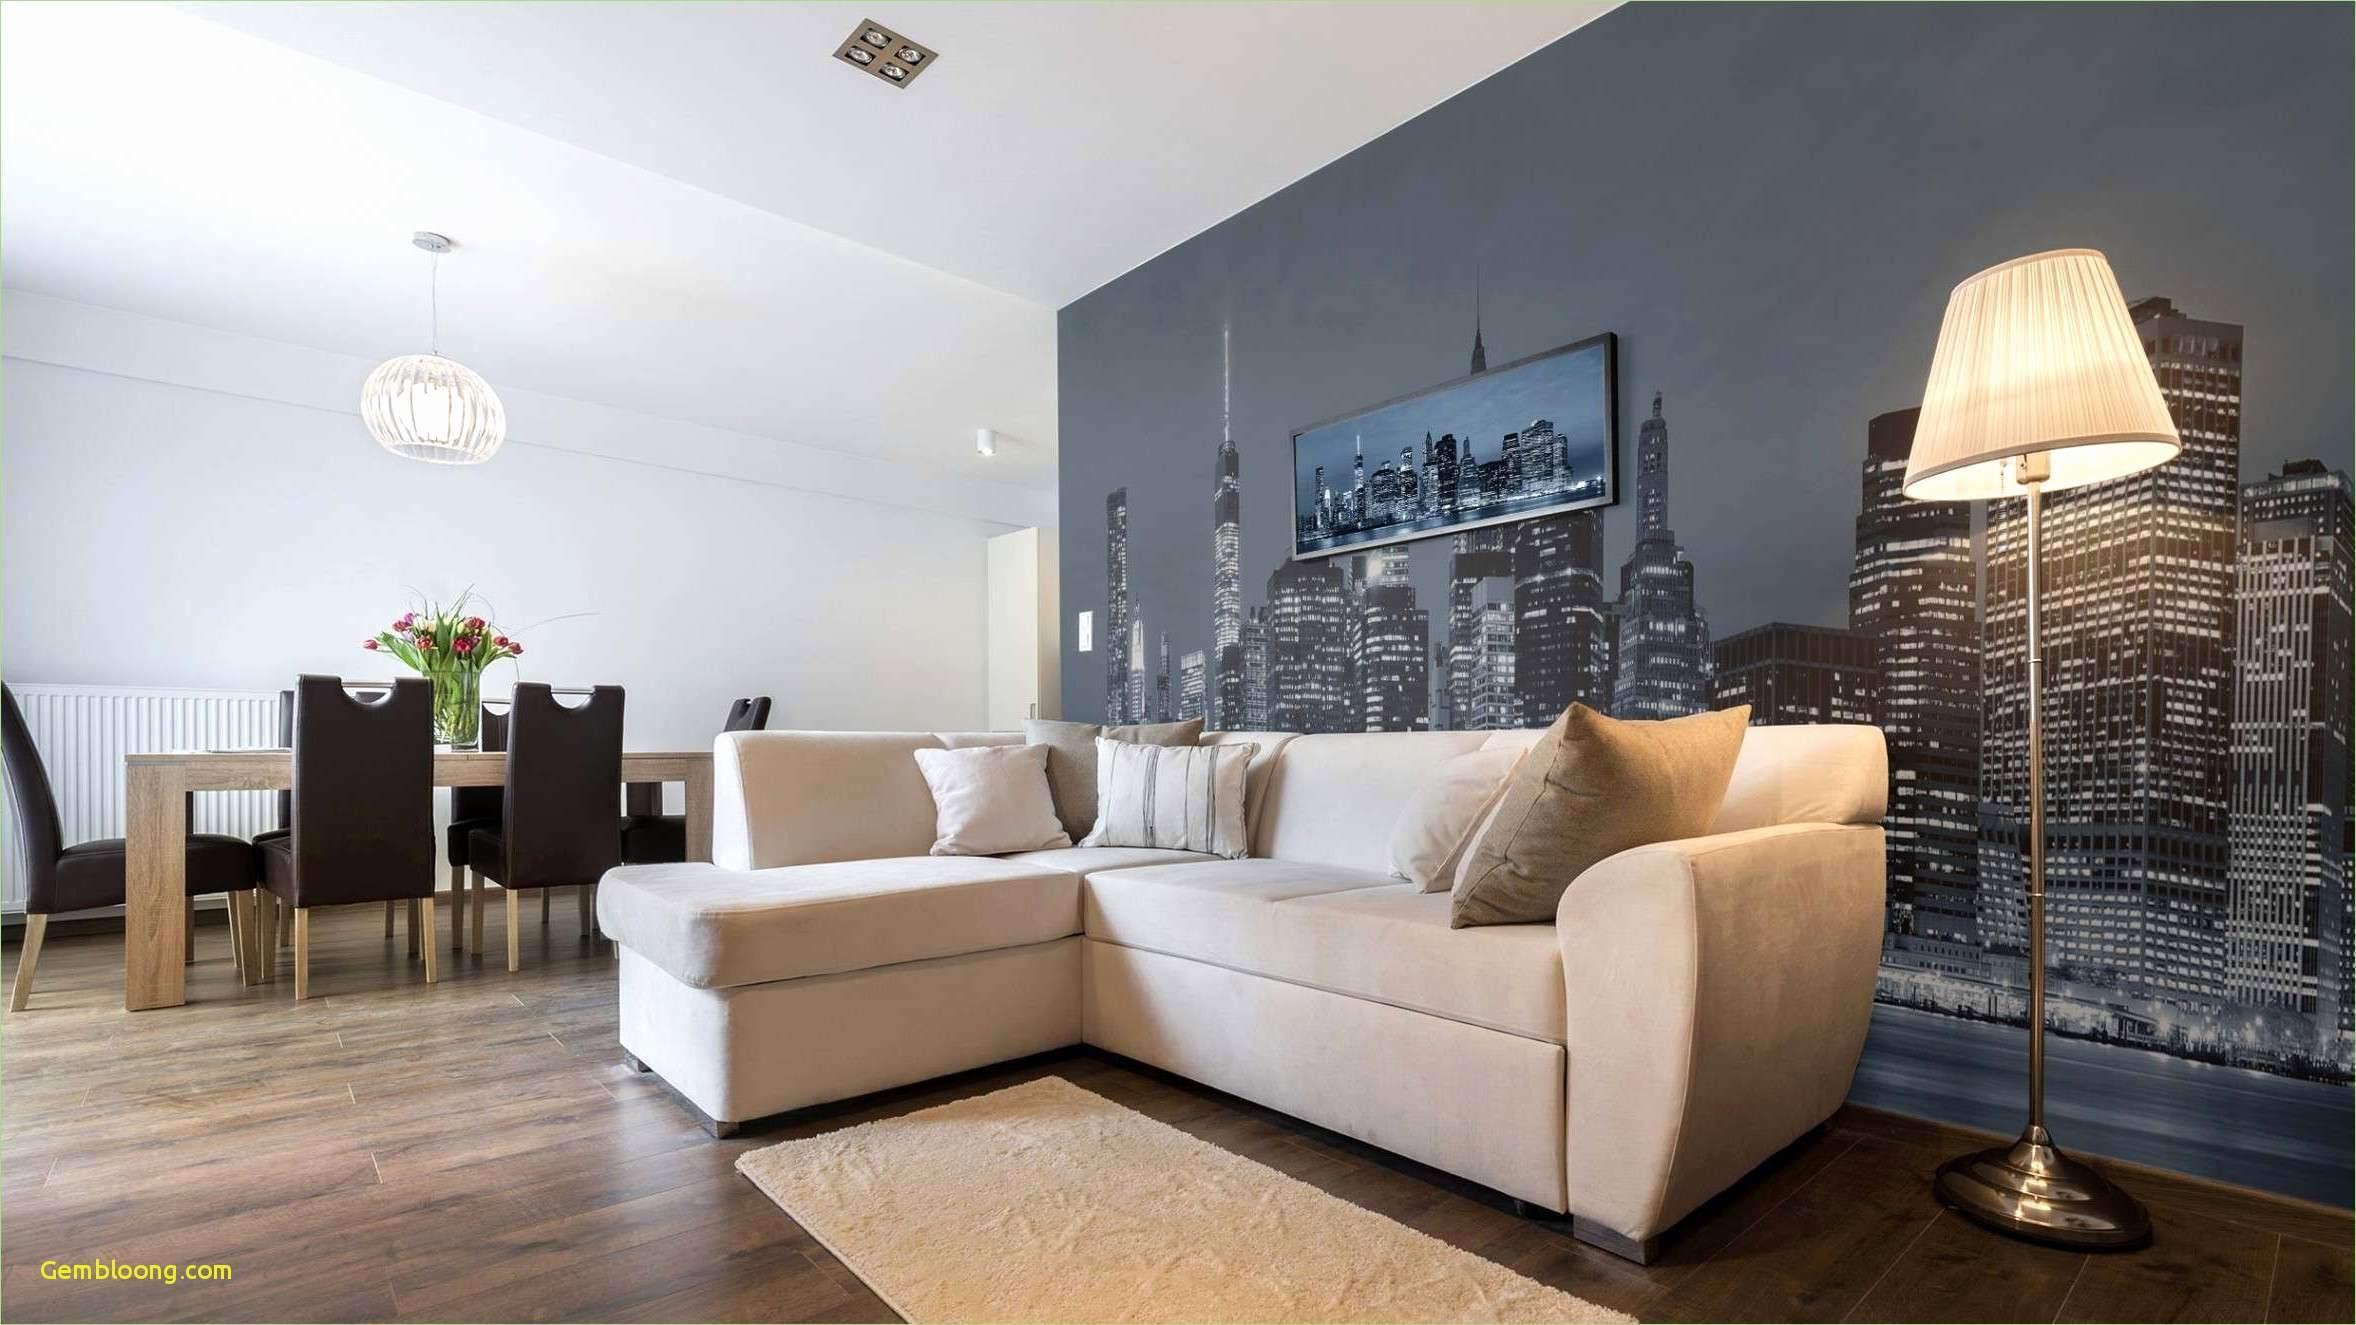 klapptisch wohnzimmer inspirierend neu deko wohnzimmer wand of klapptisch wohnzimmer